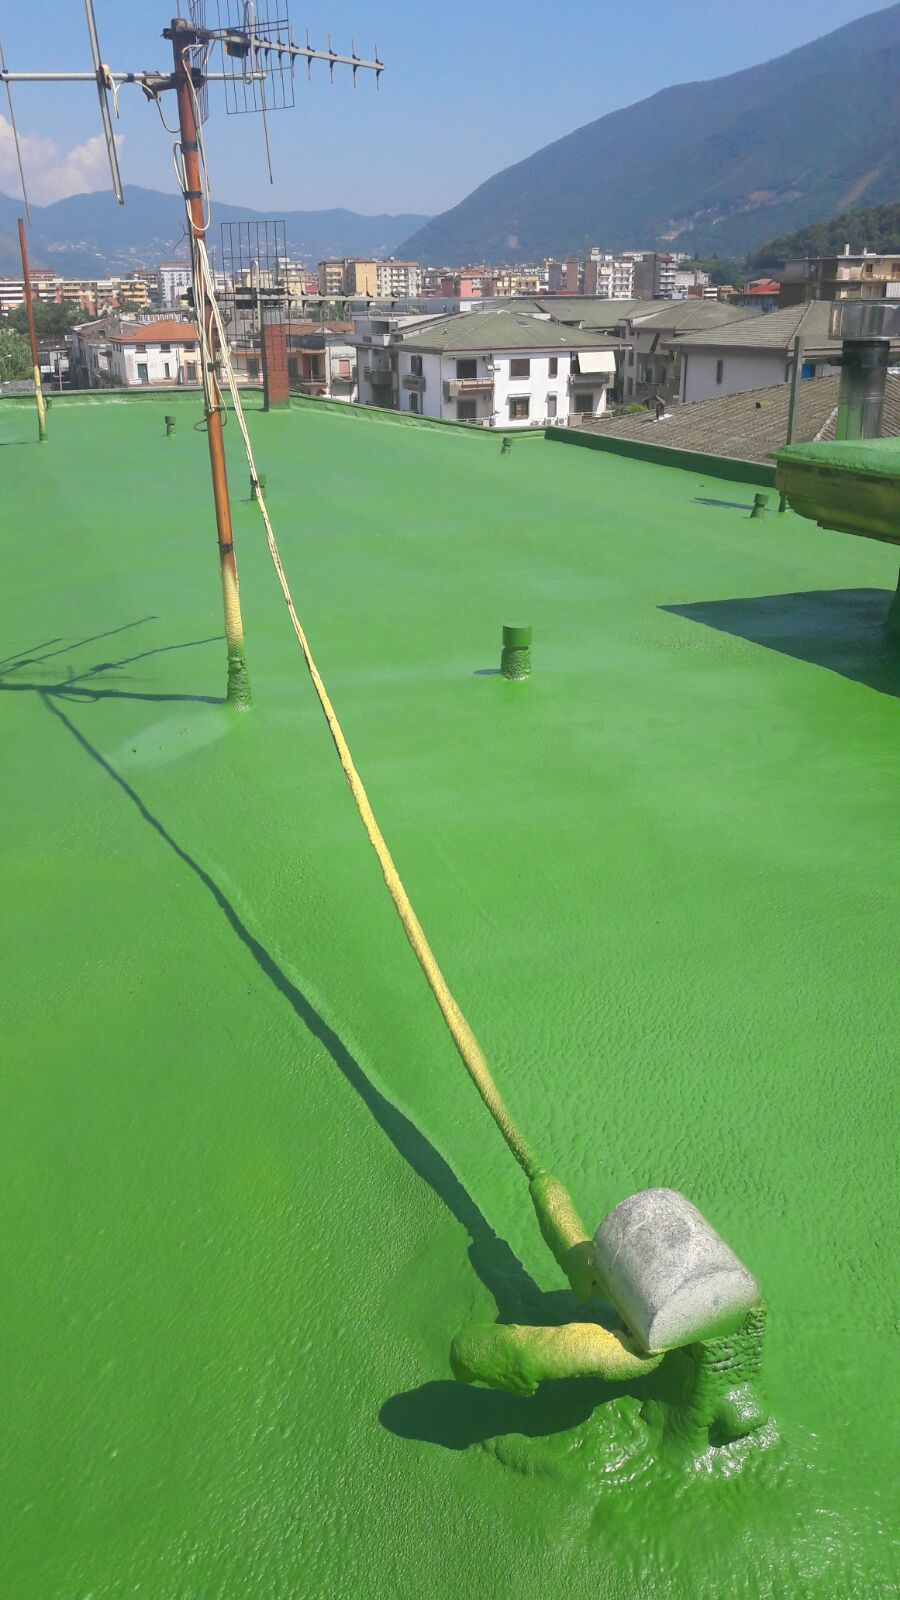 Lavorazione in schiuma poliuretanica per la necessita' di un isolamento termico eccellente,finitura con vernice poliuretanica ad alta prestazione